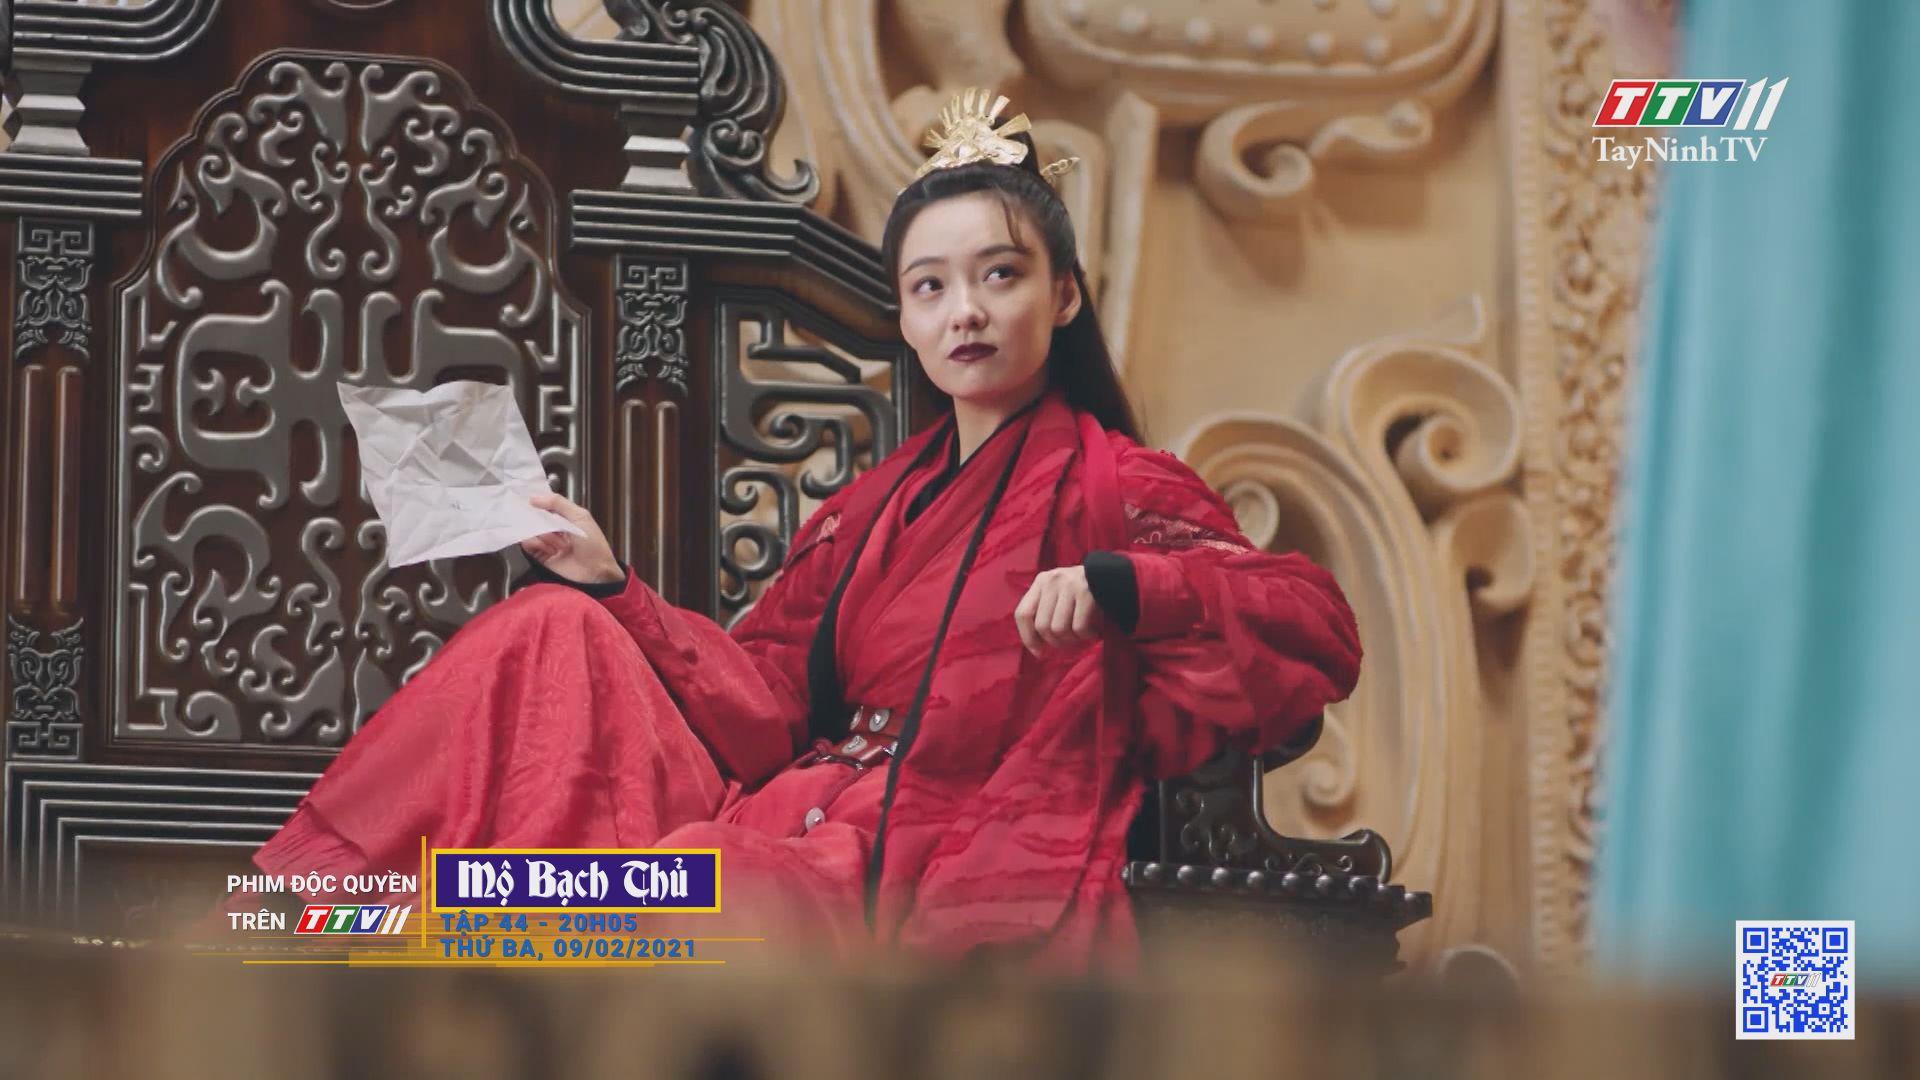 Mộ Bạch Thủ-TẬP 44 trailer | PHIM MỘ BẠCH THỦ | TayNinhTV